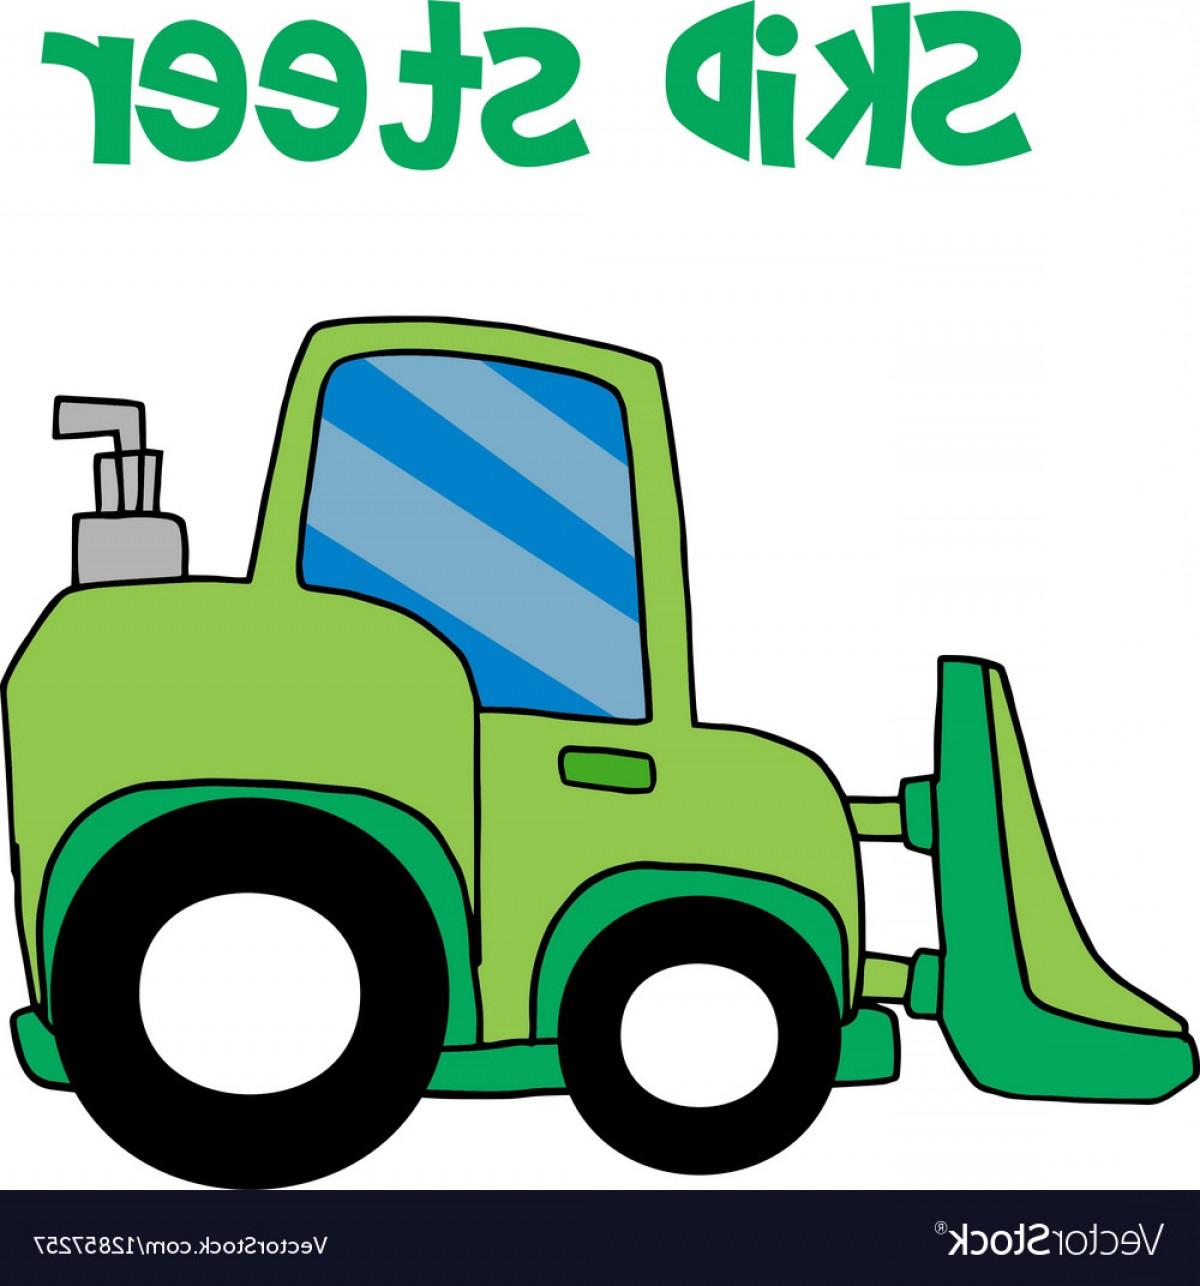 1200x1286 Green Skid Steer Cartoon Vector Arenawp